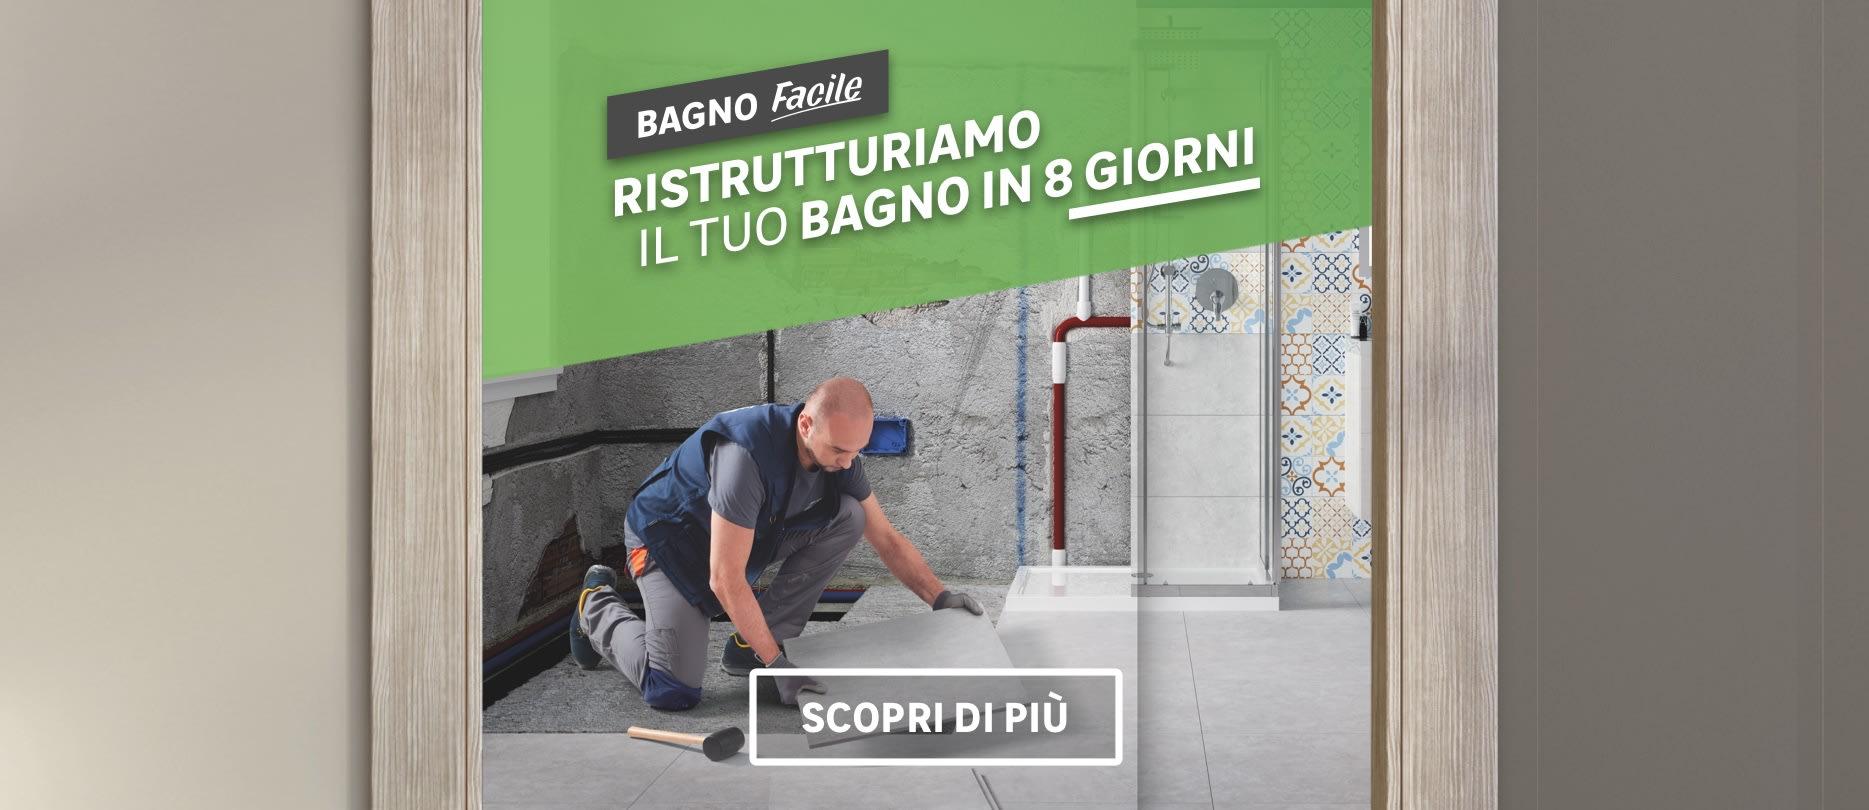 Bagno facile: ristrutturiamo il tuo bagno in 8 giorni